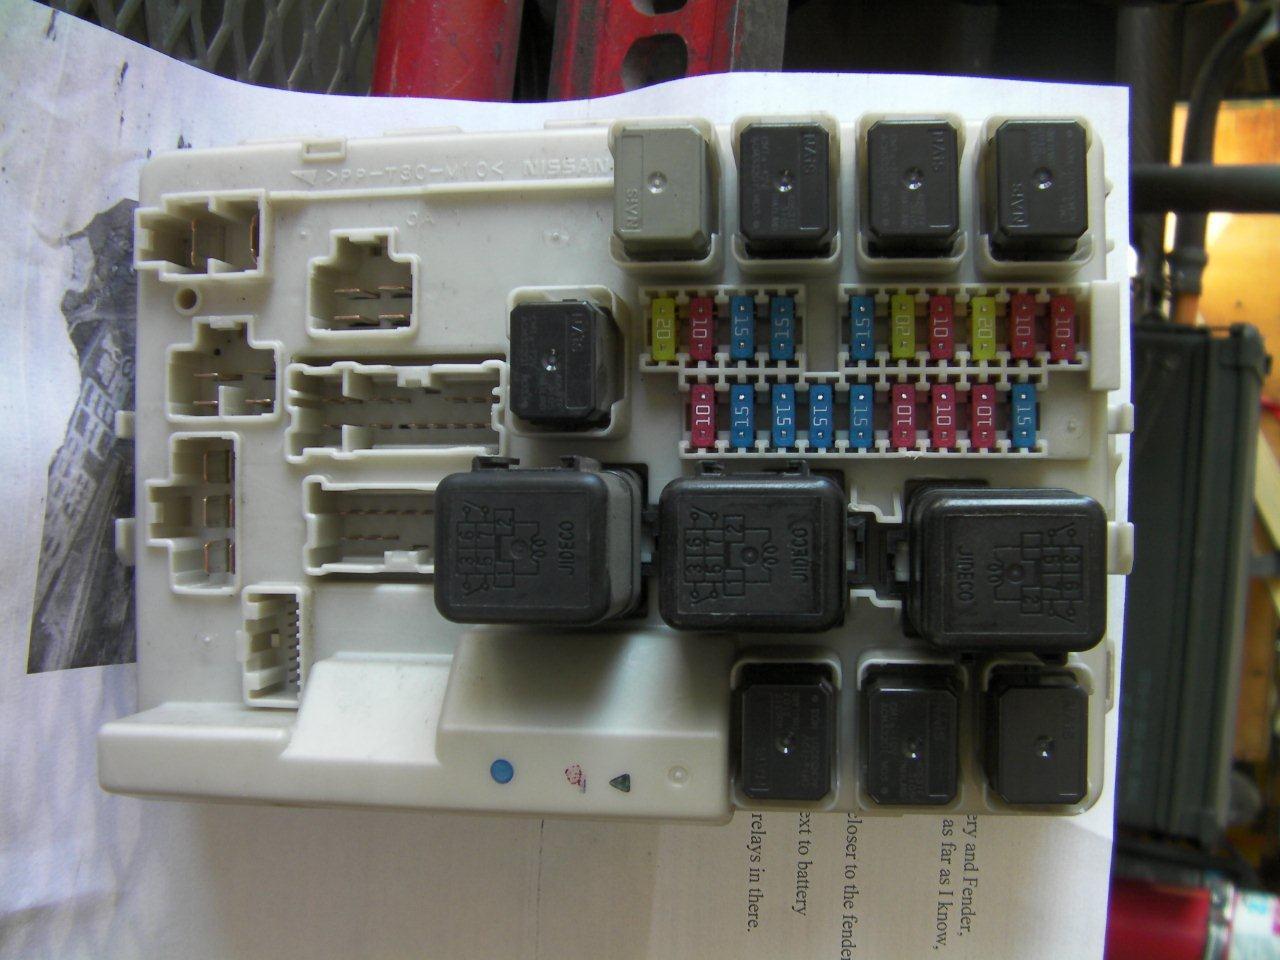 2008 Nissan Quest Fuse Box Diagram 350z Location